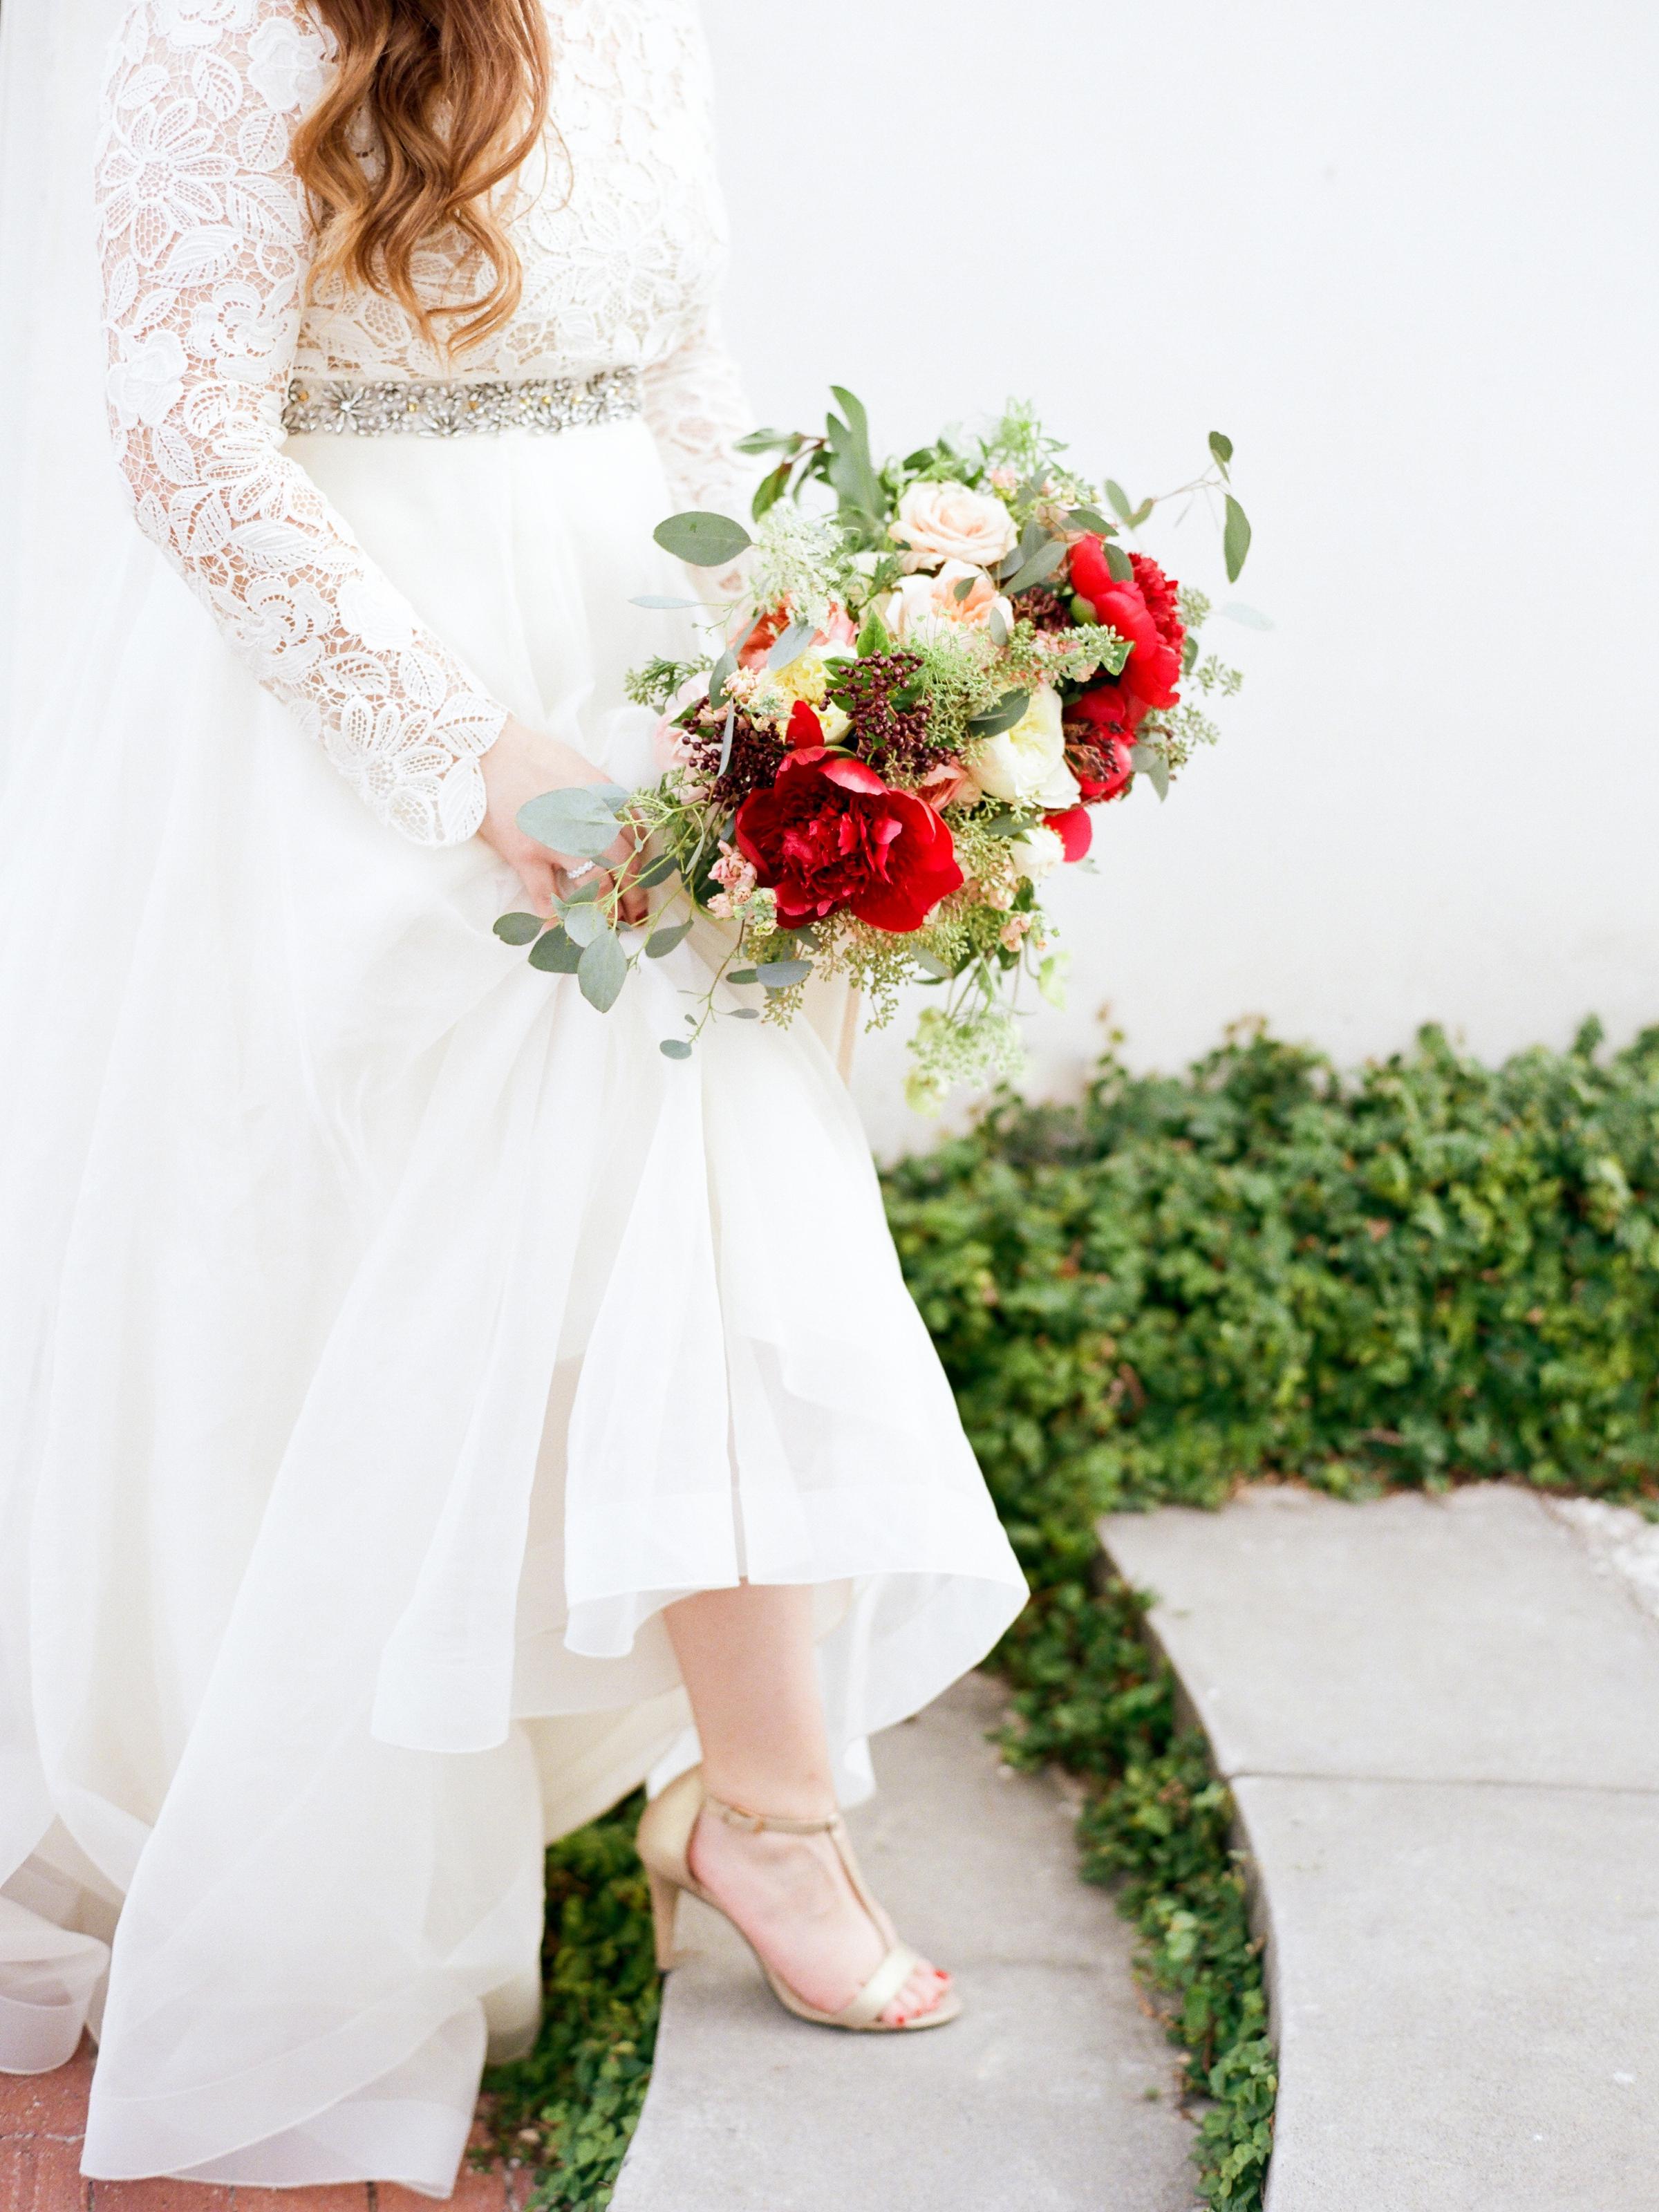 rosemary_beach_wedding_photographer_shannon_griffin_0020.jpg